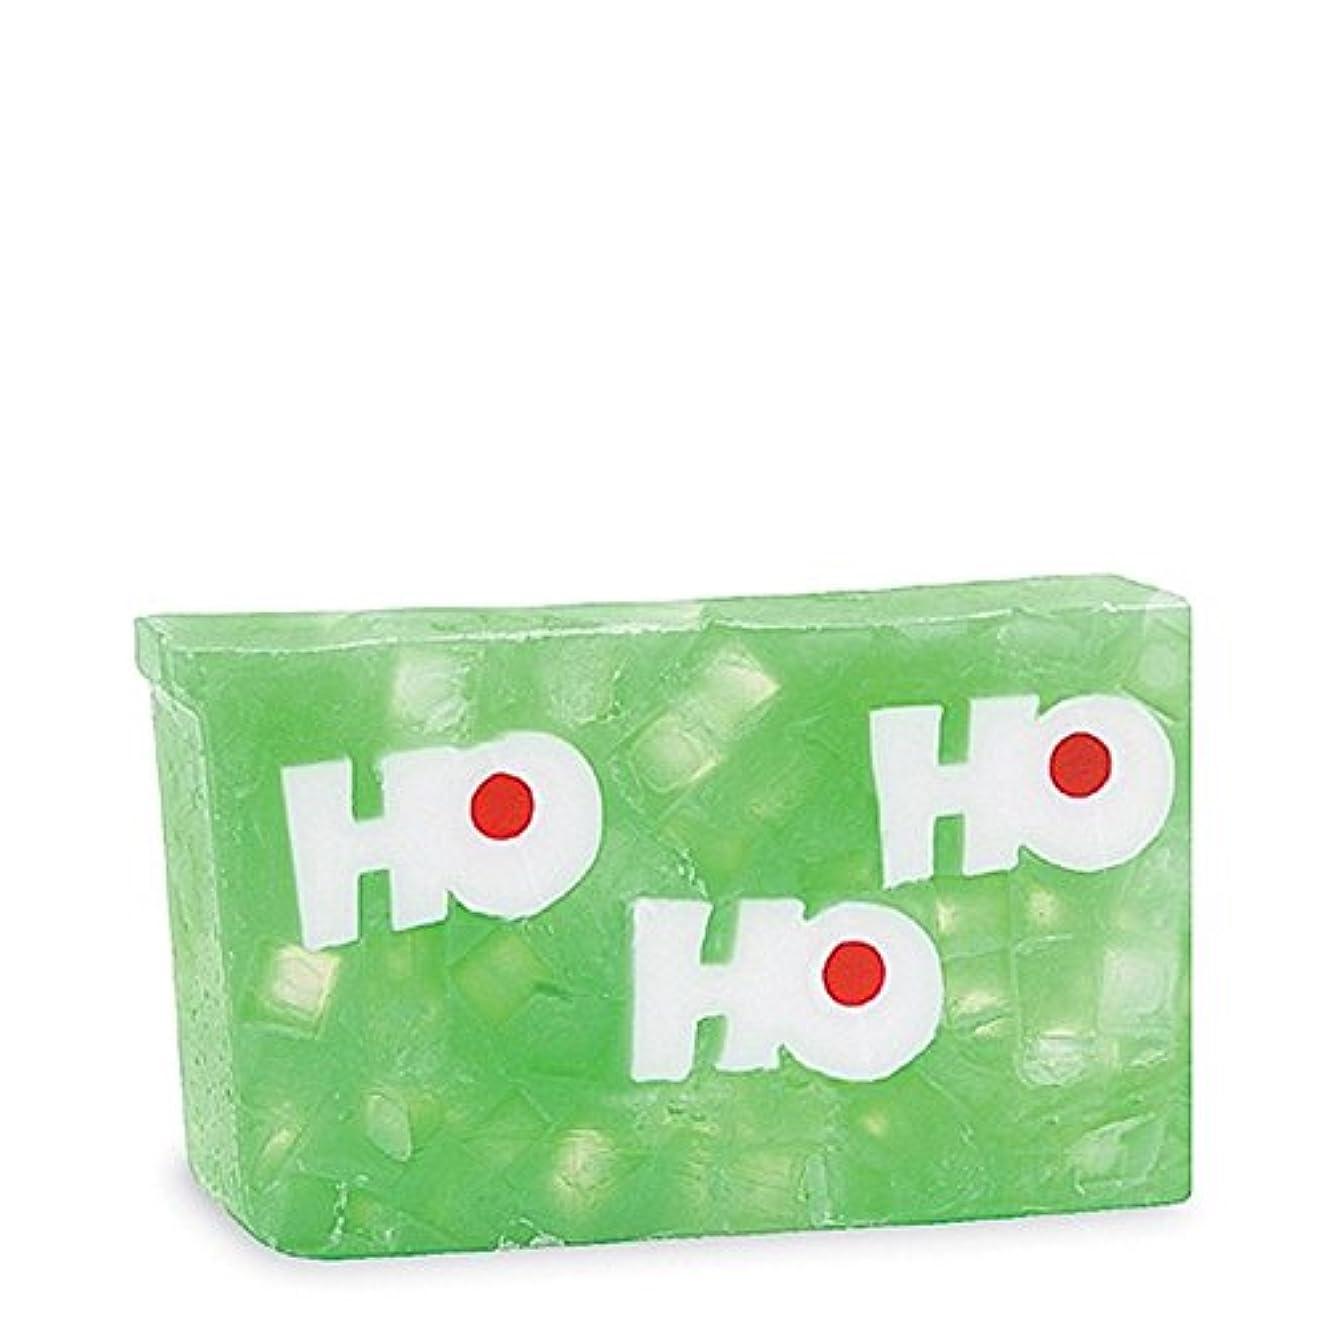 限られた最初に純粋にPrimal Elements Ho Ho Ho Soap (Pack of 6) - 原初の要素ホーホーホ石鹸 x6 [並行輸入品]